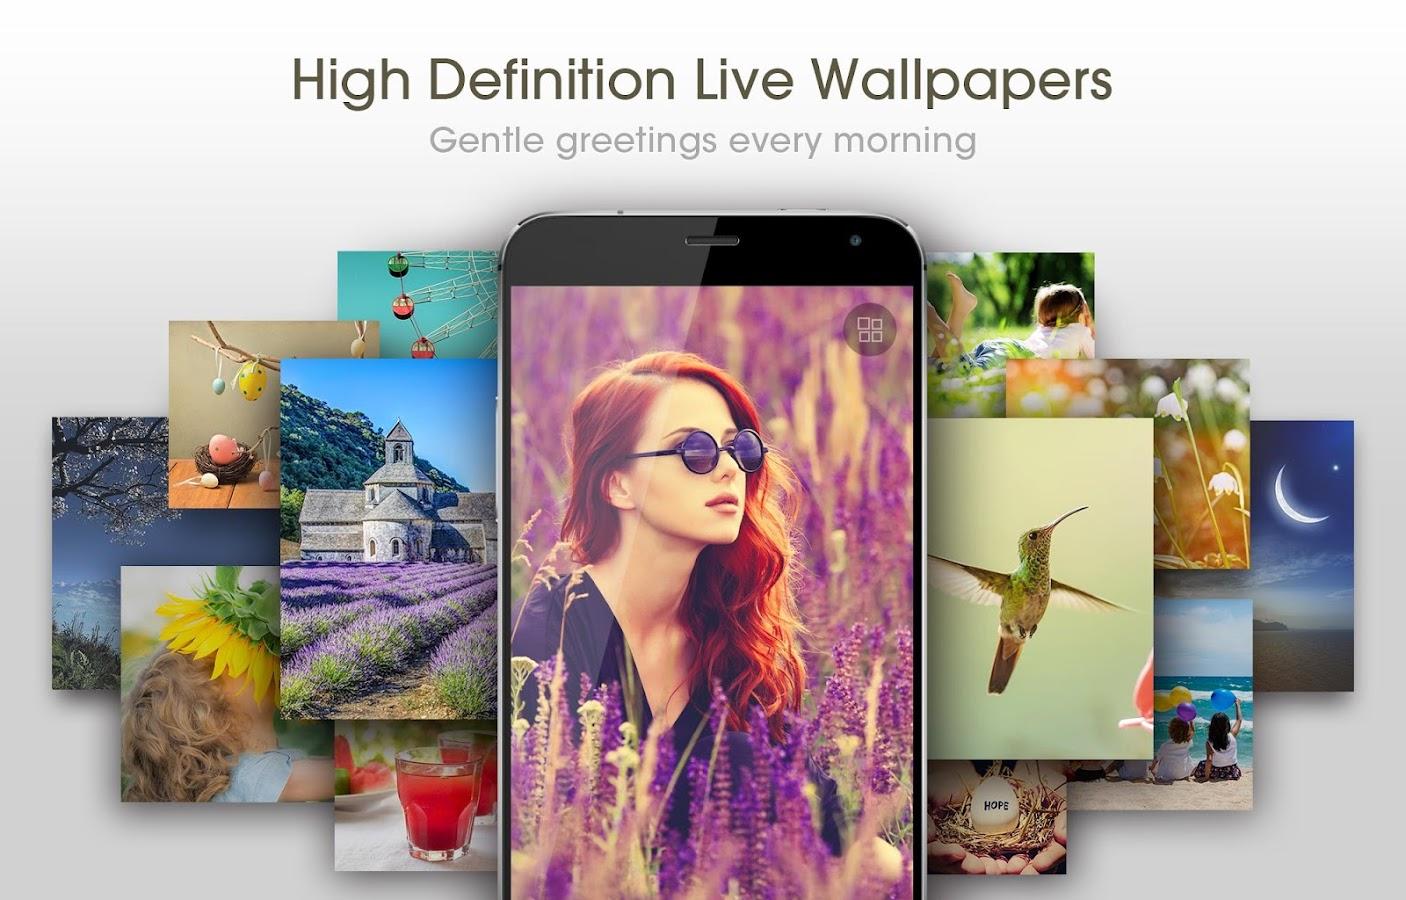 Hd wallpaper app - Zui Wallpaper Hd Live Images Screenshot